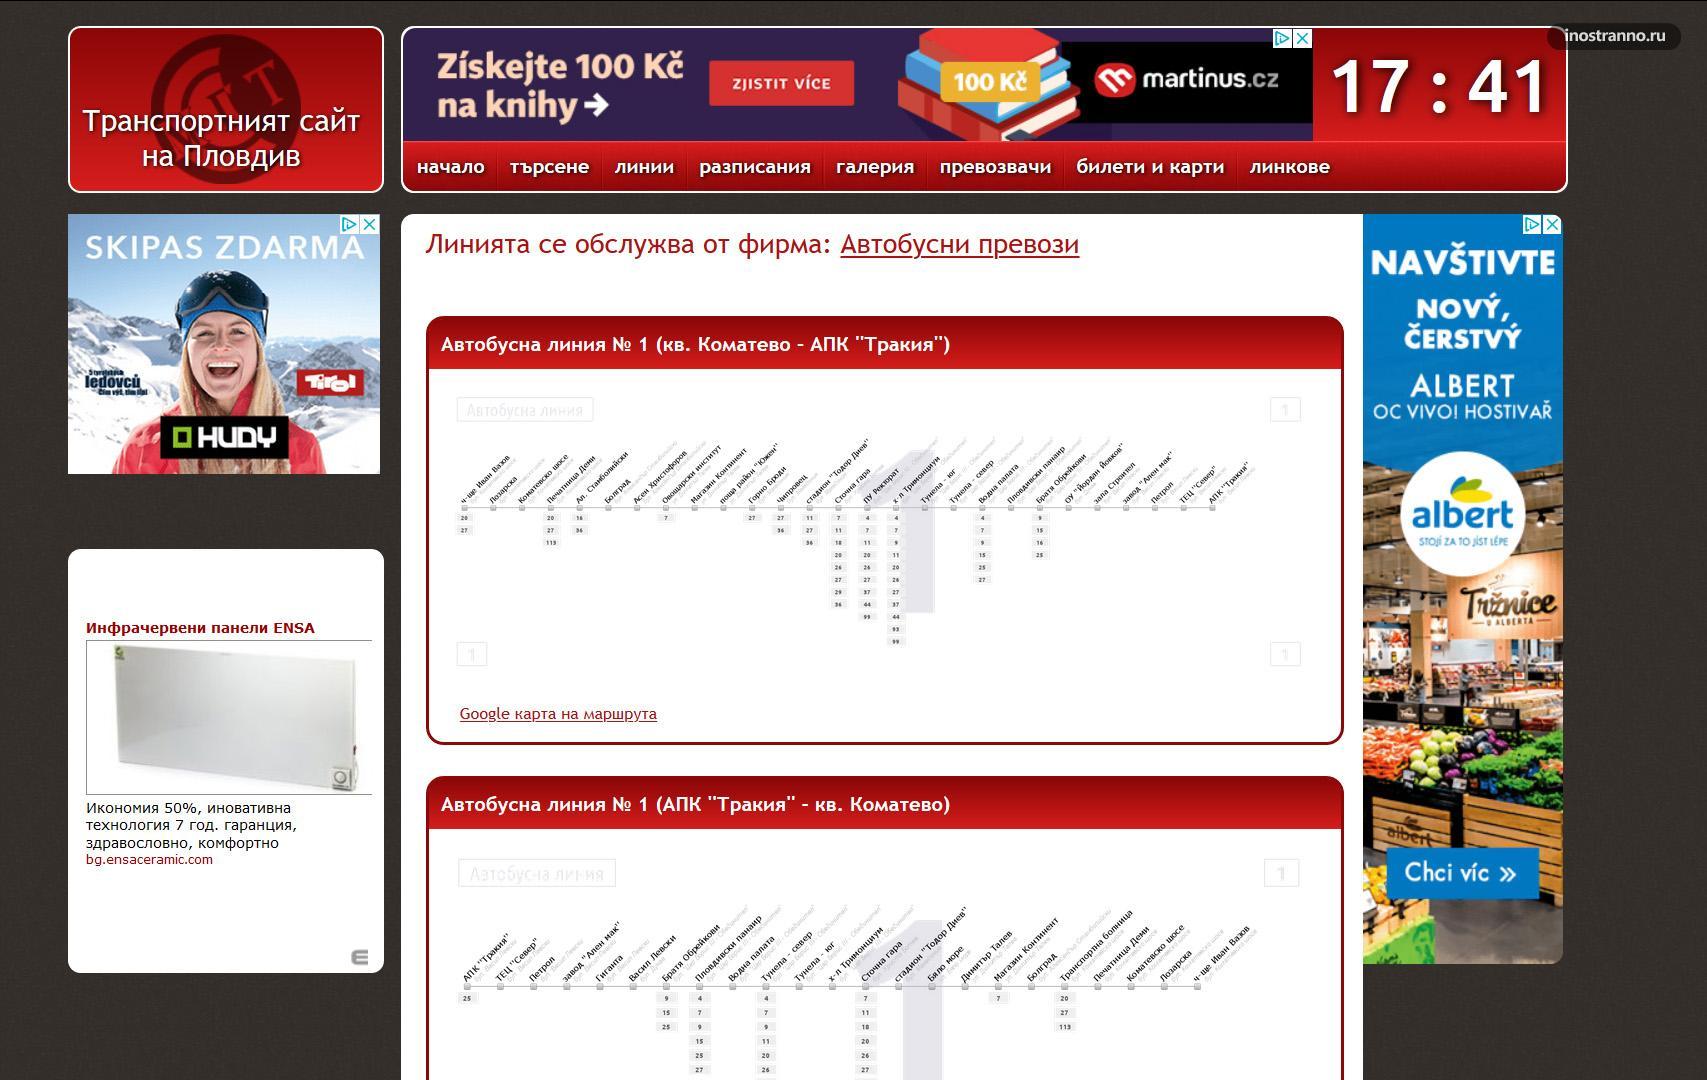 Официальный сайт общественного транспорта Пловдива